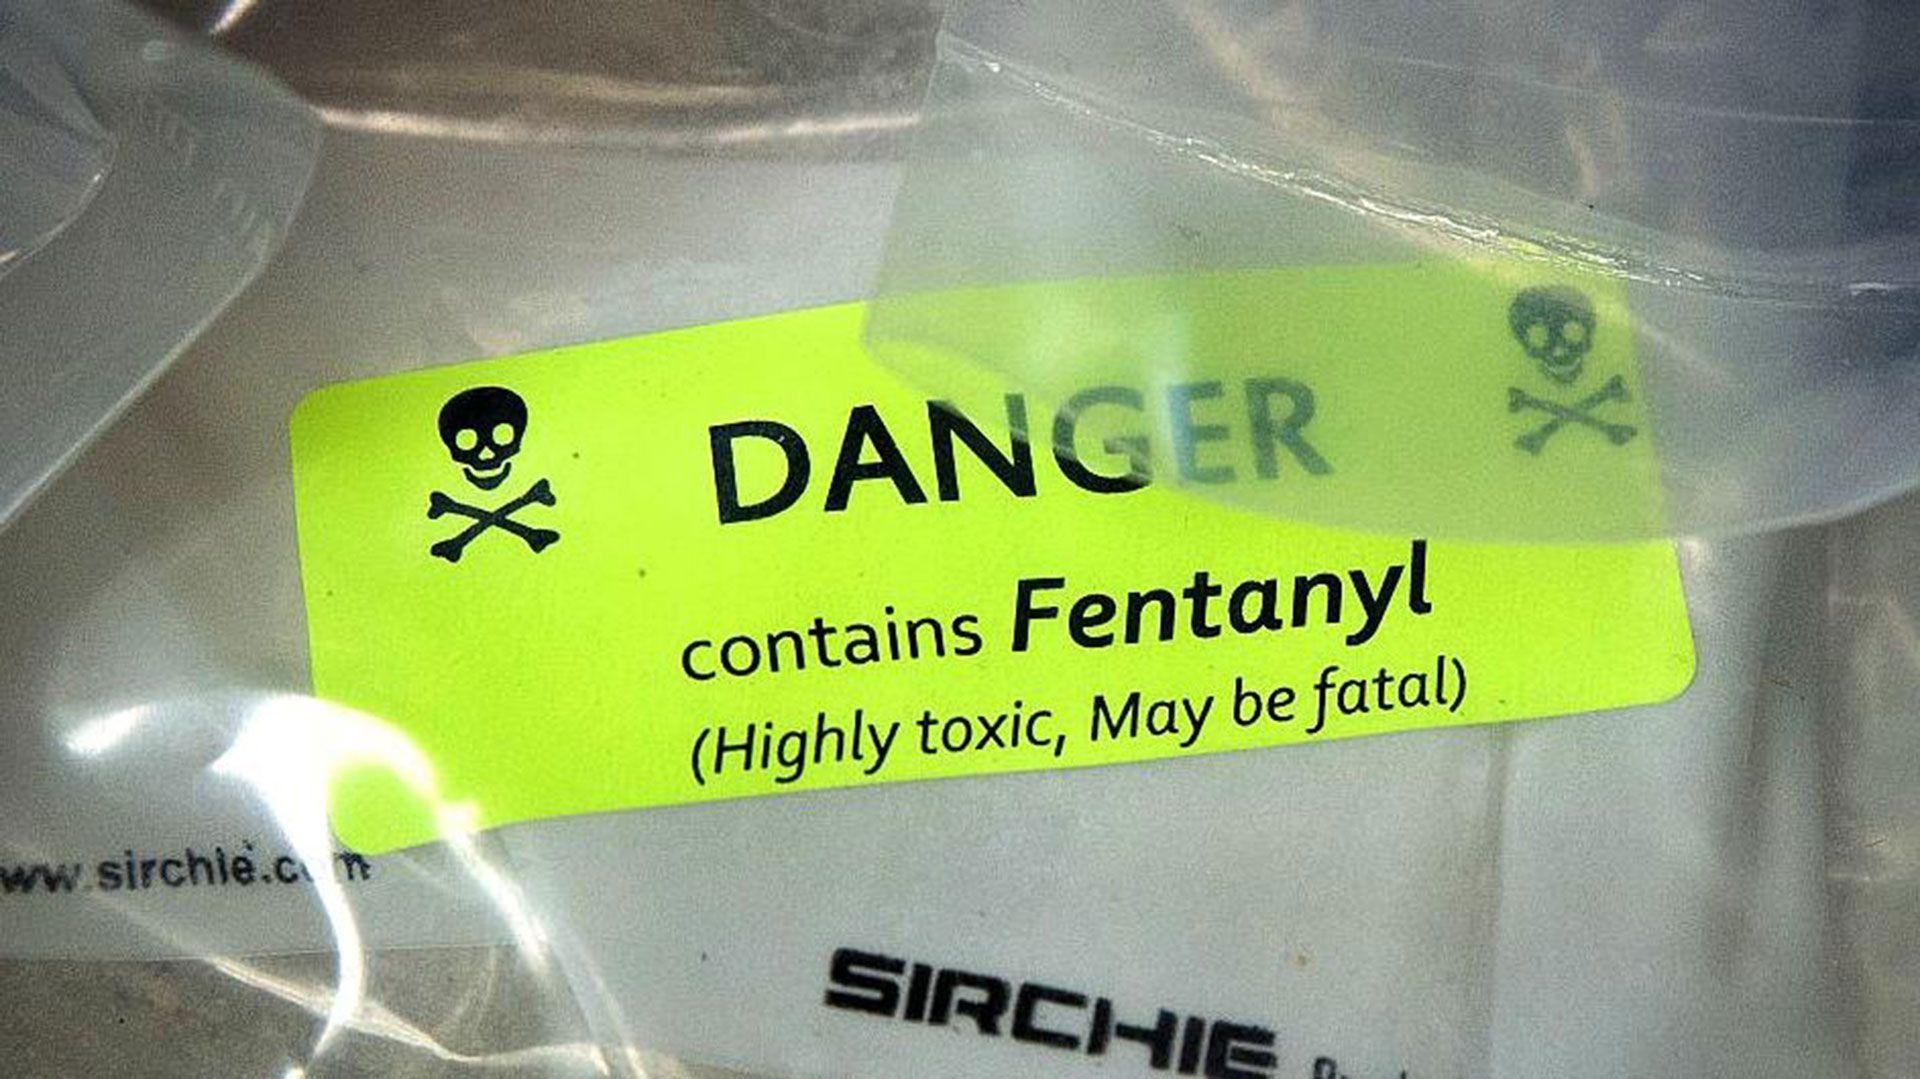 De acuerdo con la DEA, entre más presión ponen sobe China, los asiáticos simplemente mandan los químicos a México para fabricar ahí la droga (Foto: Archivo)